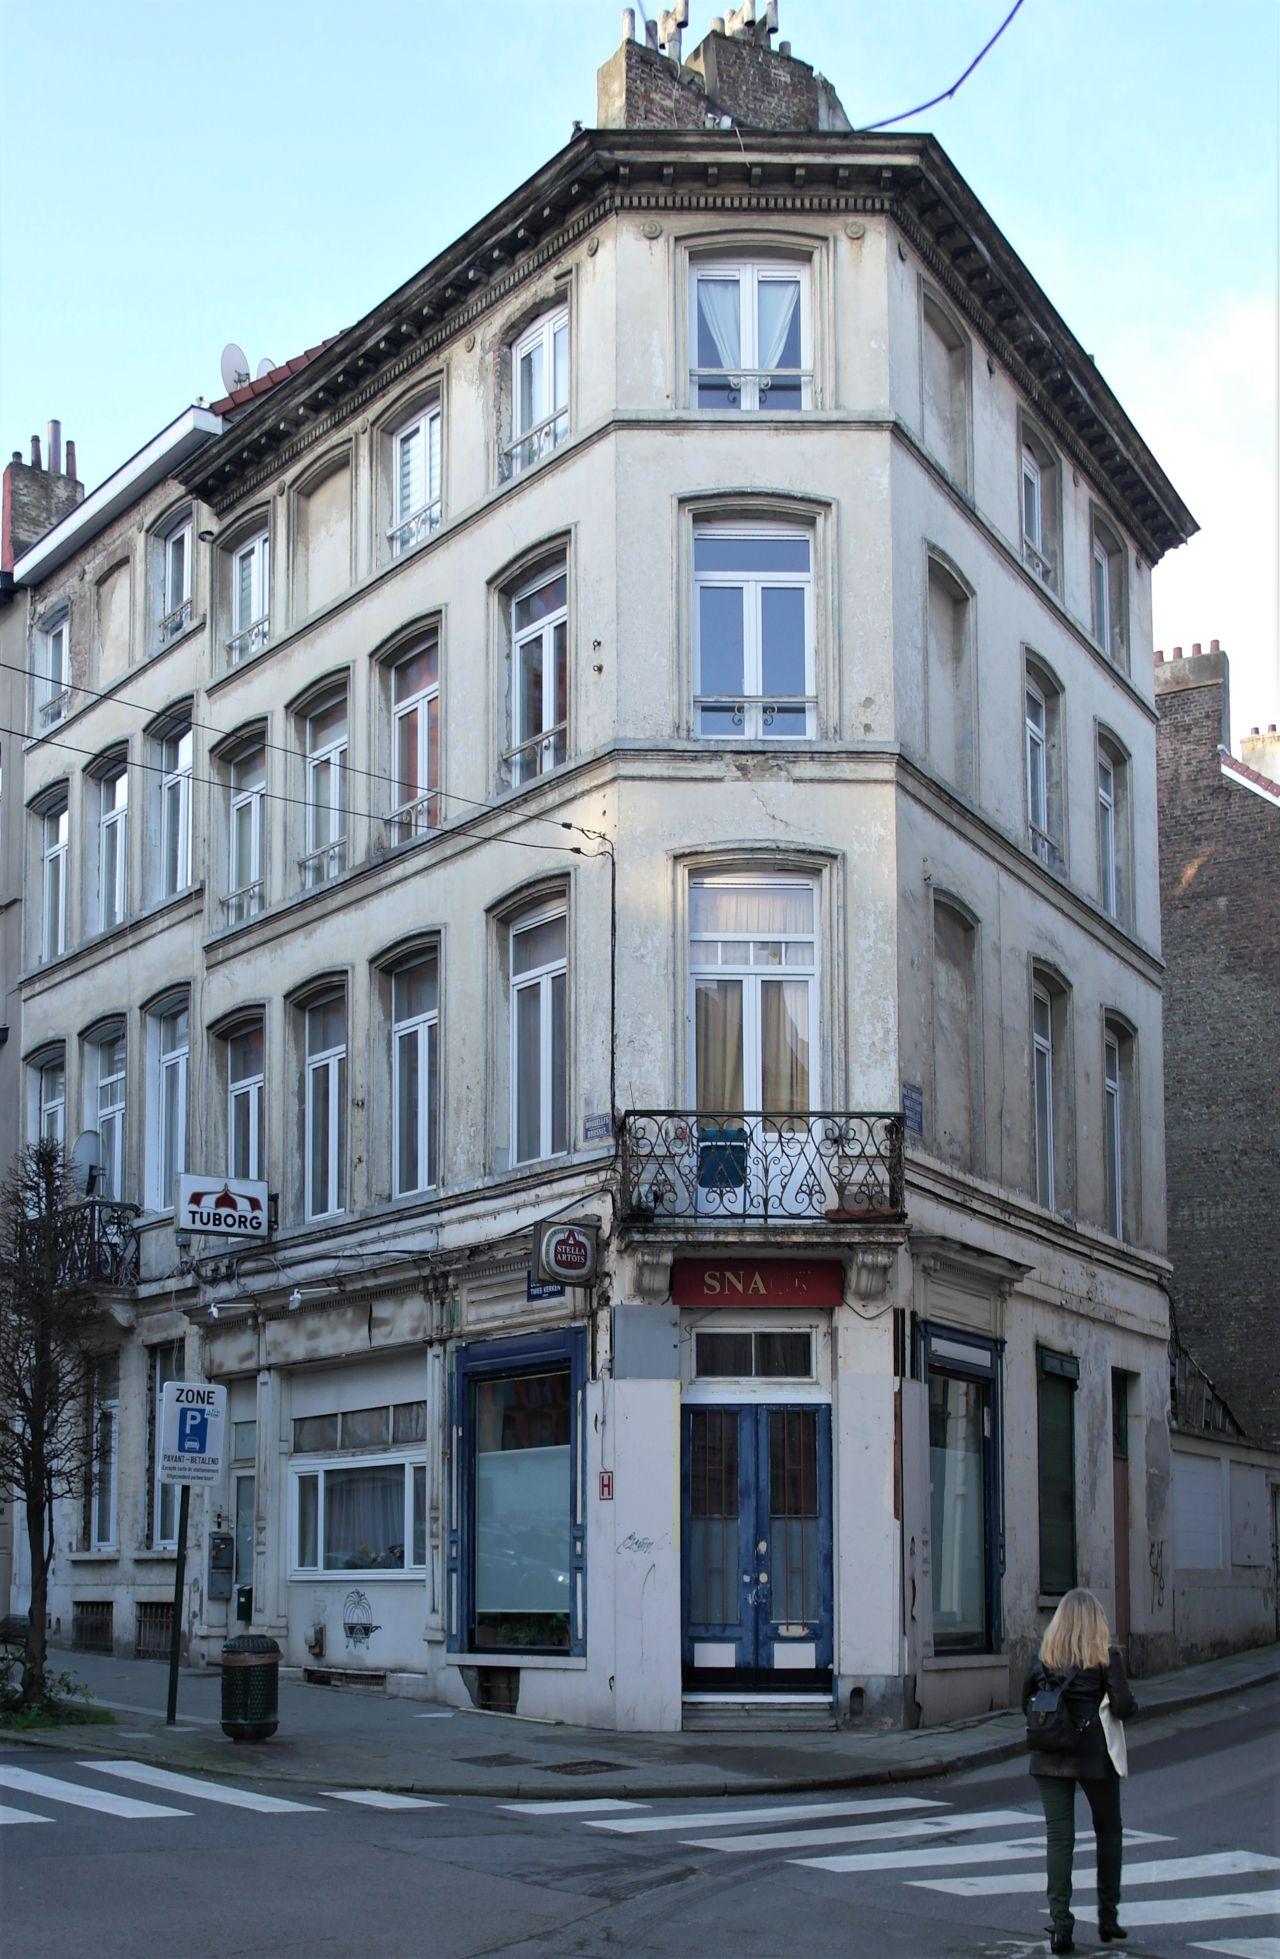 Rue des Deux Eglises 50, 52, 54 - rue du Marteau 43, 2020